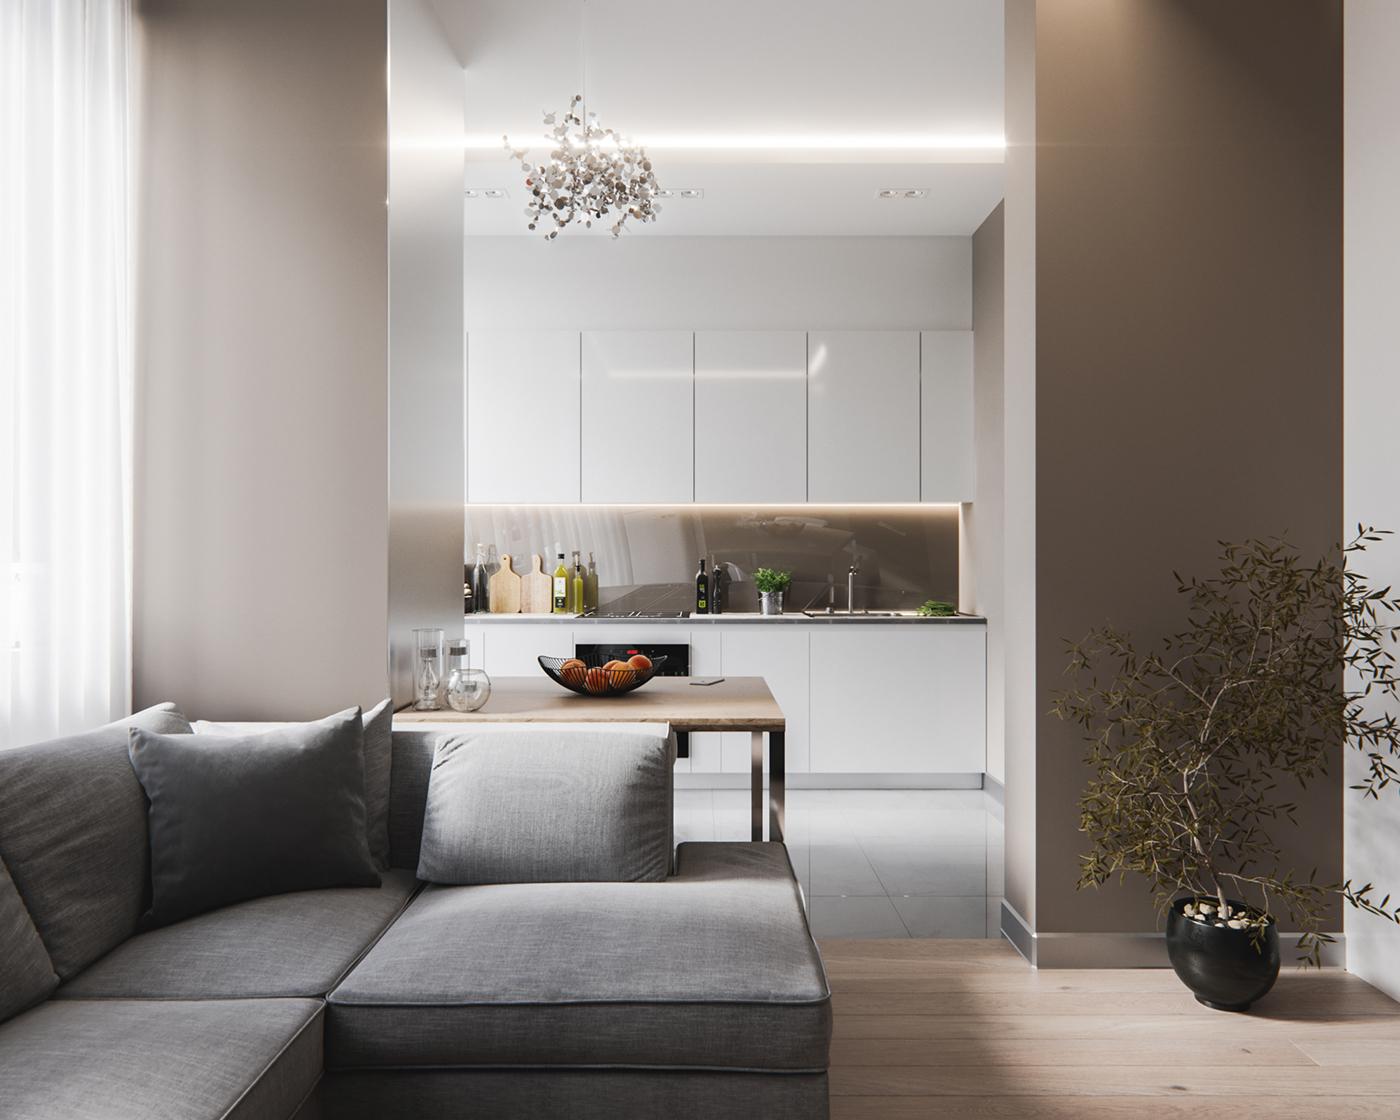 Интерьер квартиры студии с колоннами